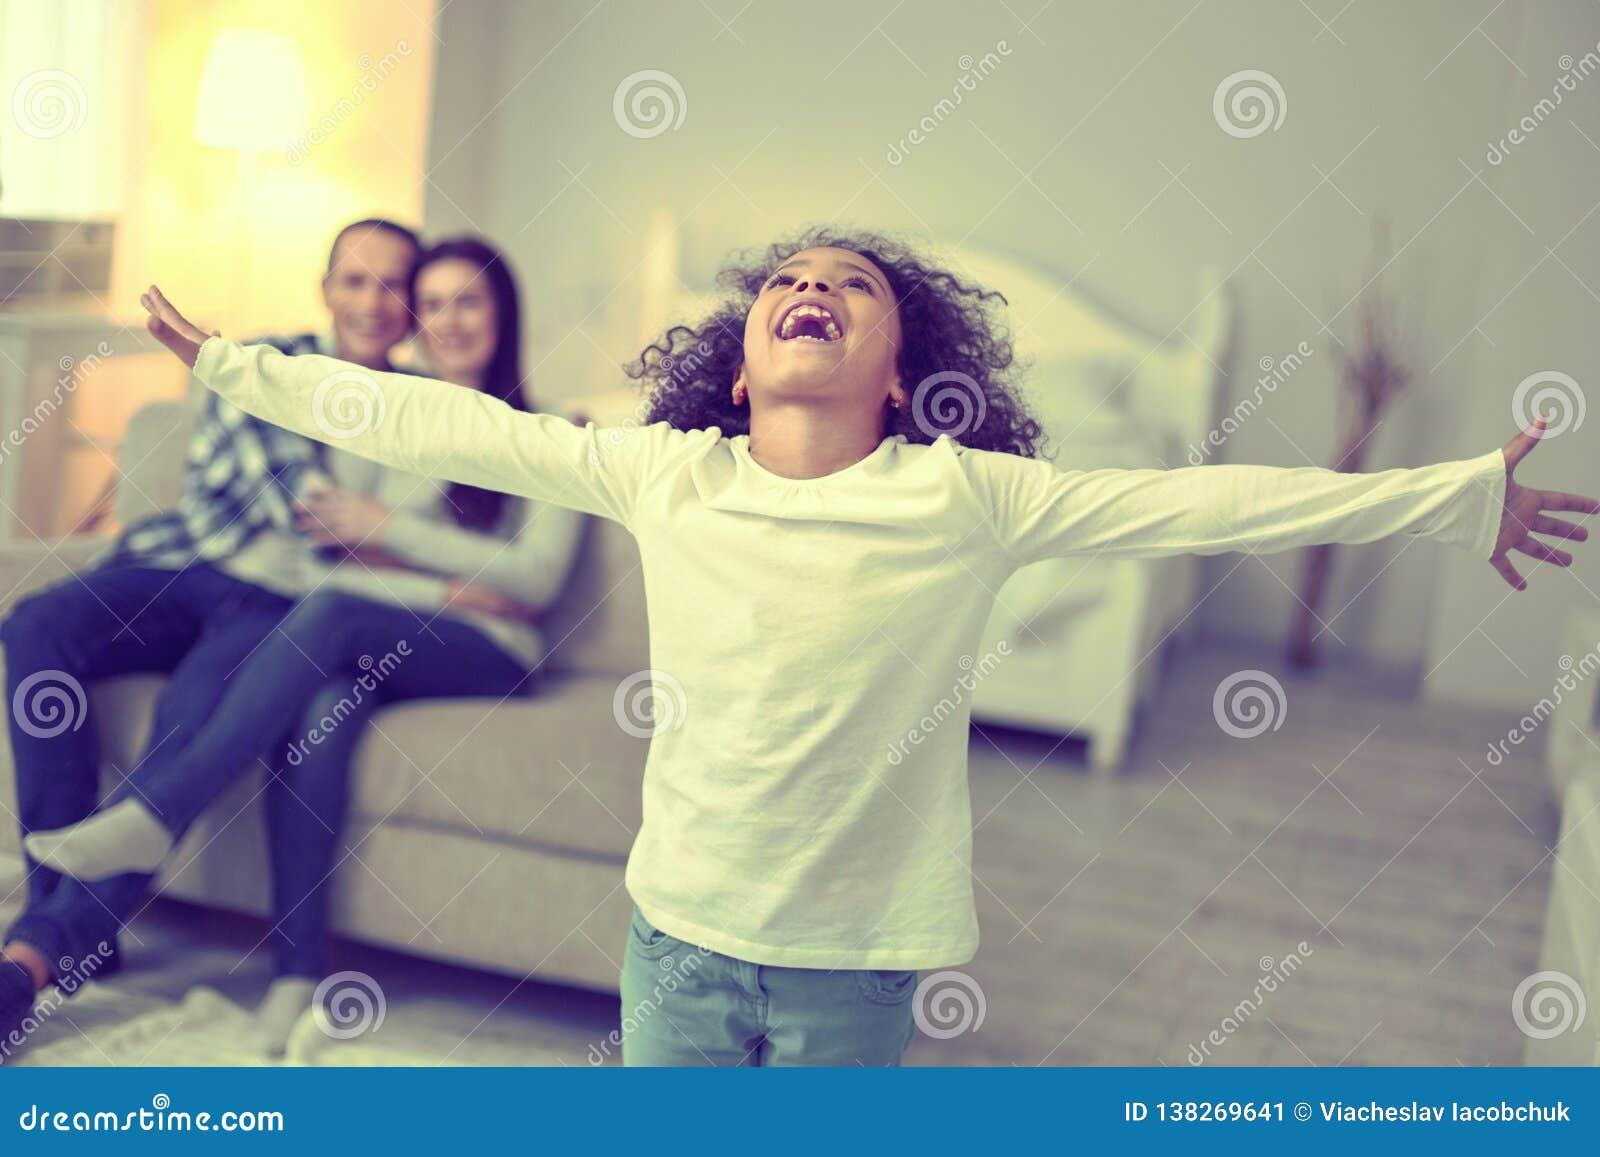 Ivrig upphetsad unge som ut låter ett skrik av entusiasm